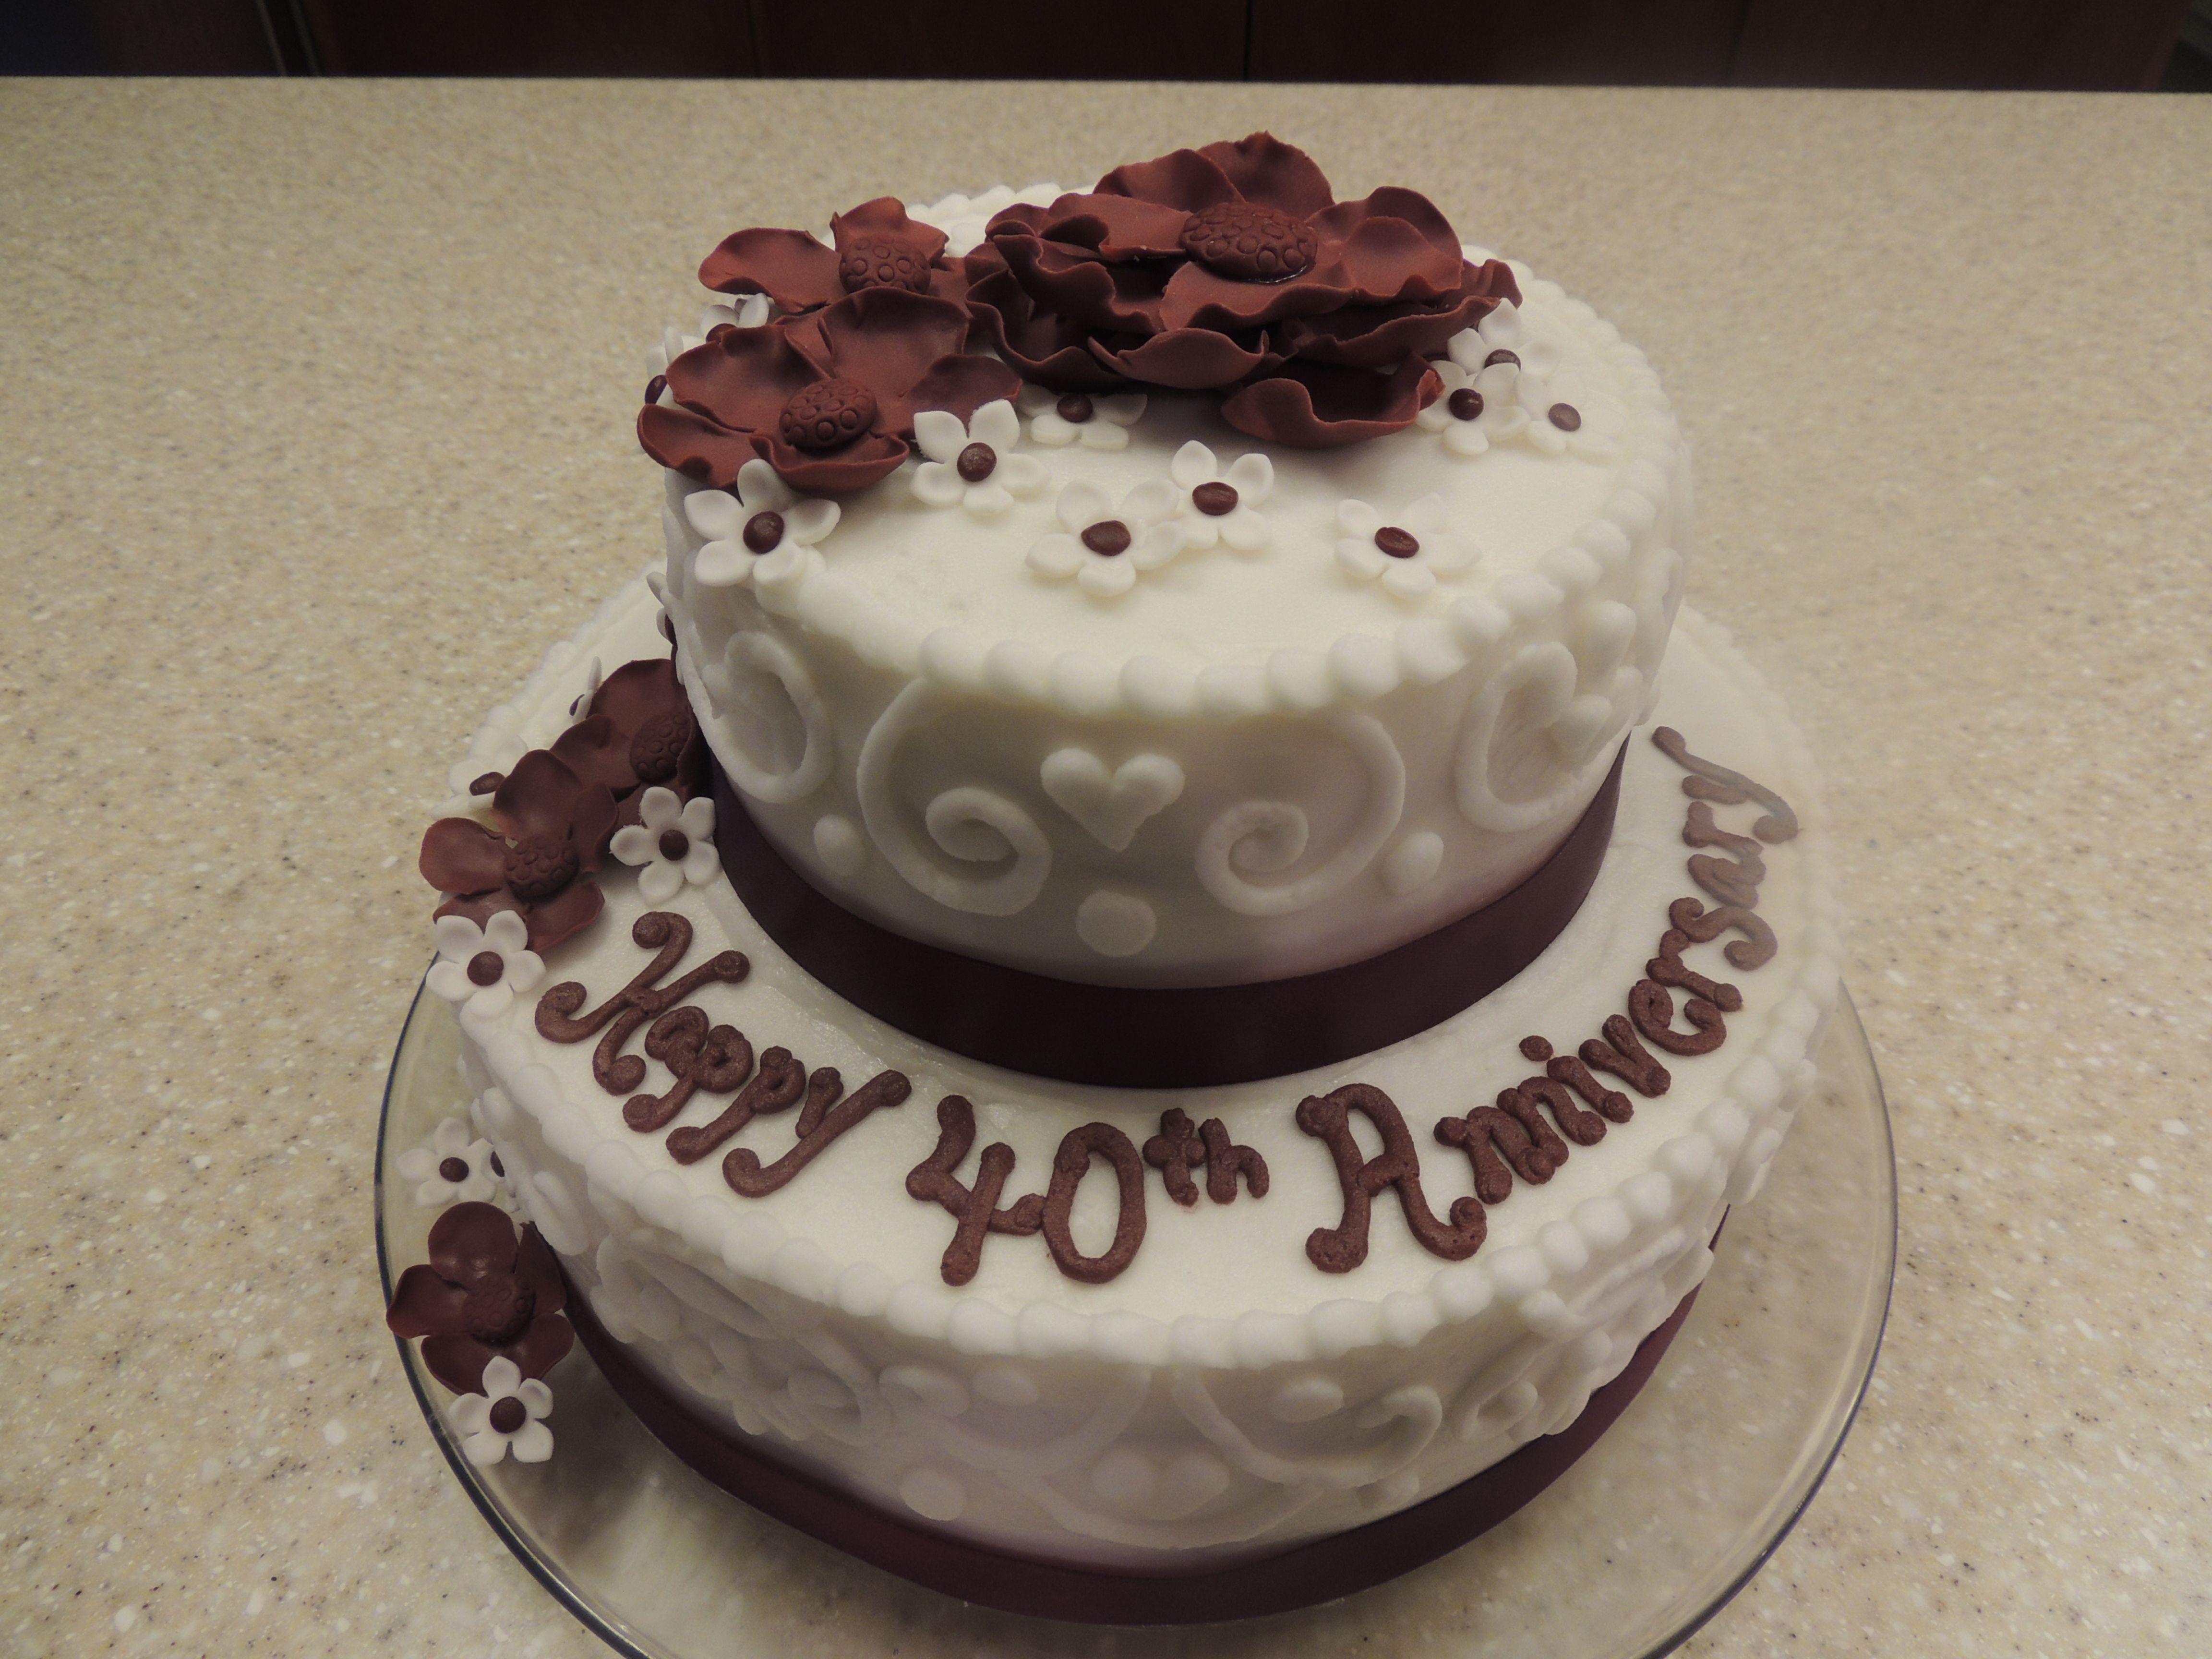 40th anniversary cake anniversary cakes pinterest